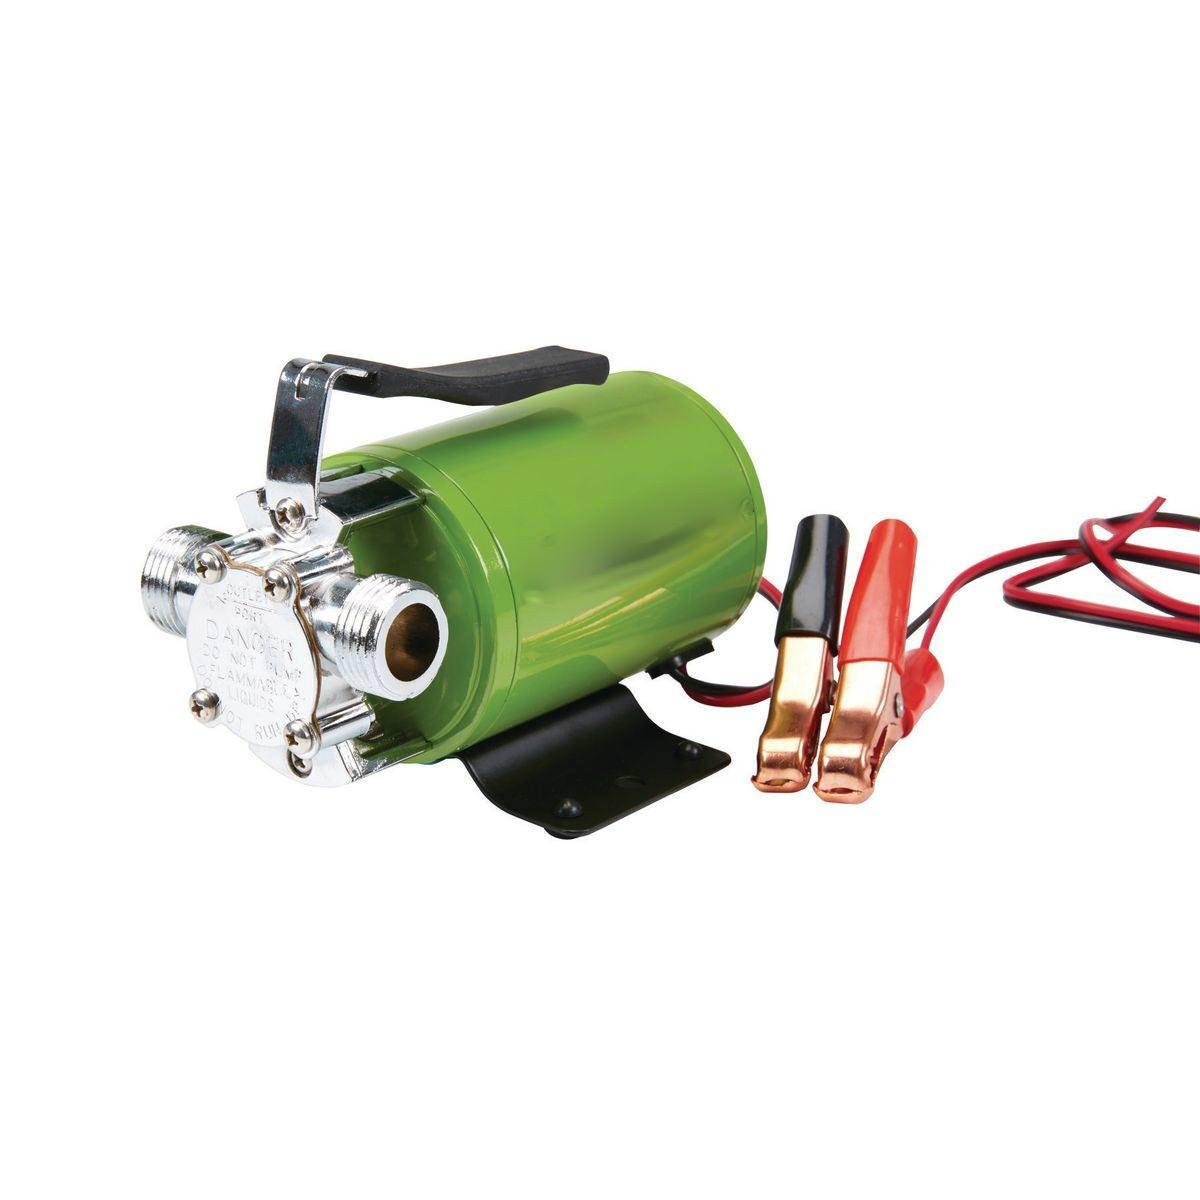 Wakeboard Ballast Bag Reversible Pump Replacement 300 GPH (Fat Sac)